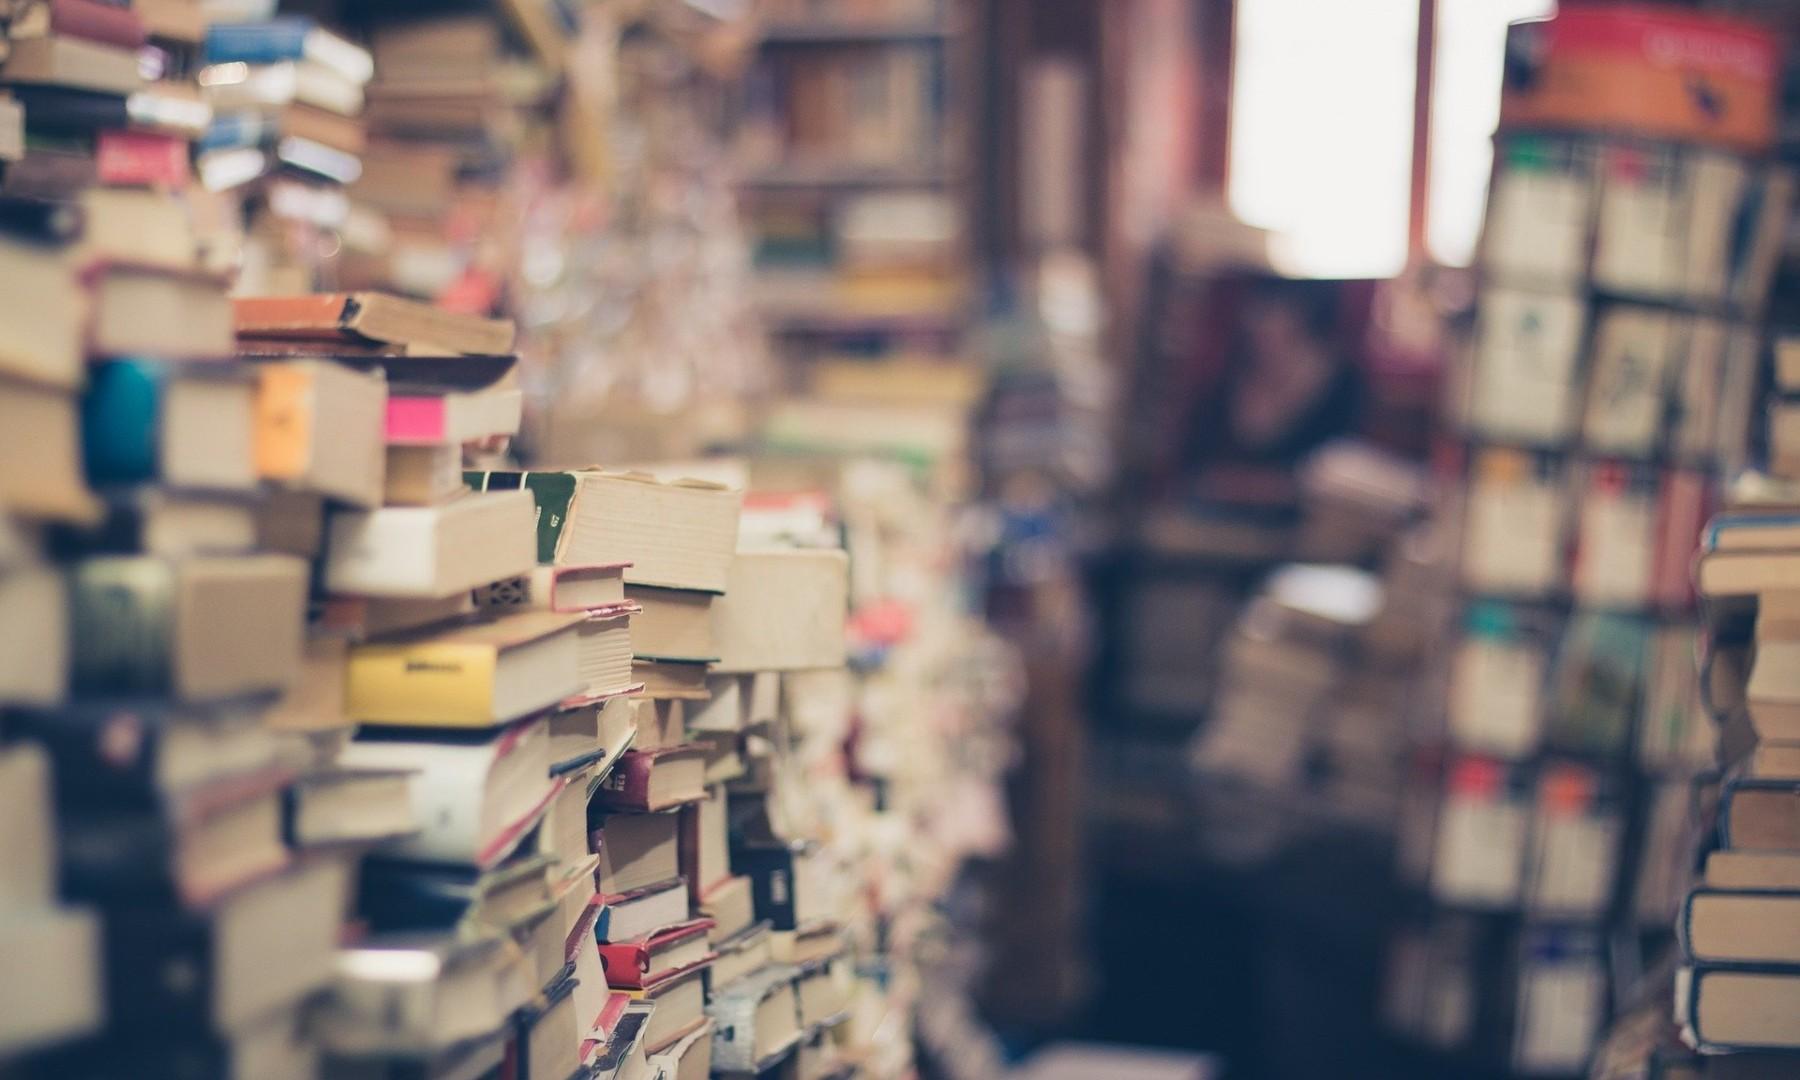 Pasos para quitar el color amarillo de las hojas de los libros